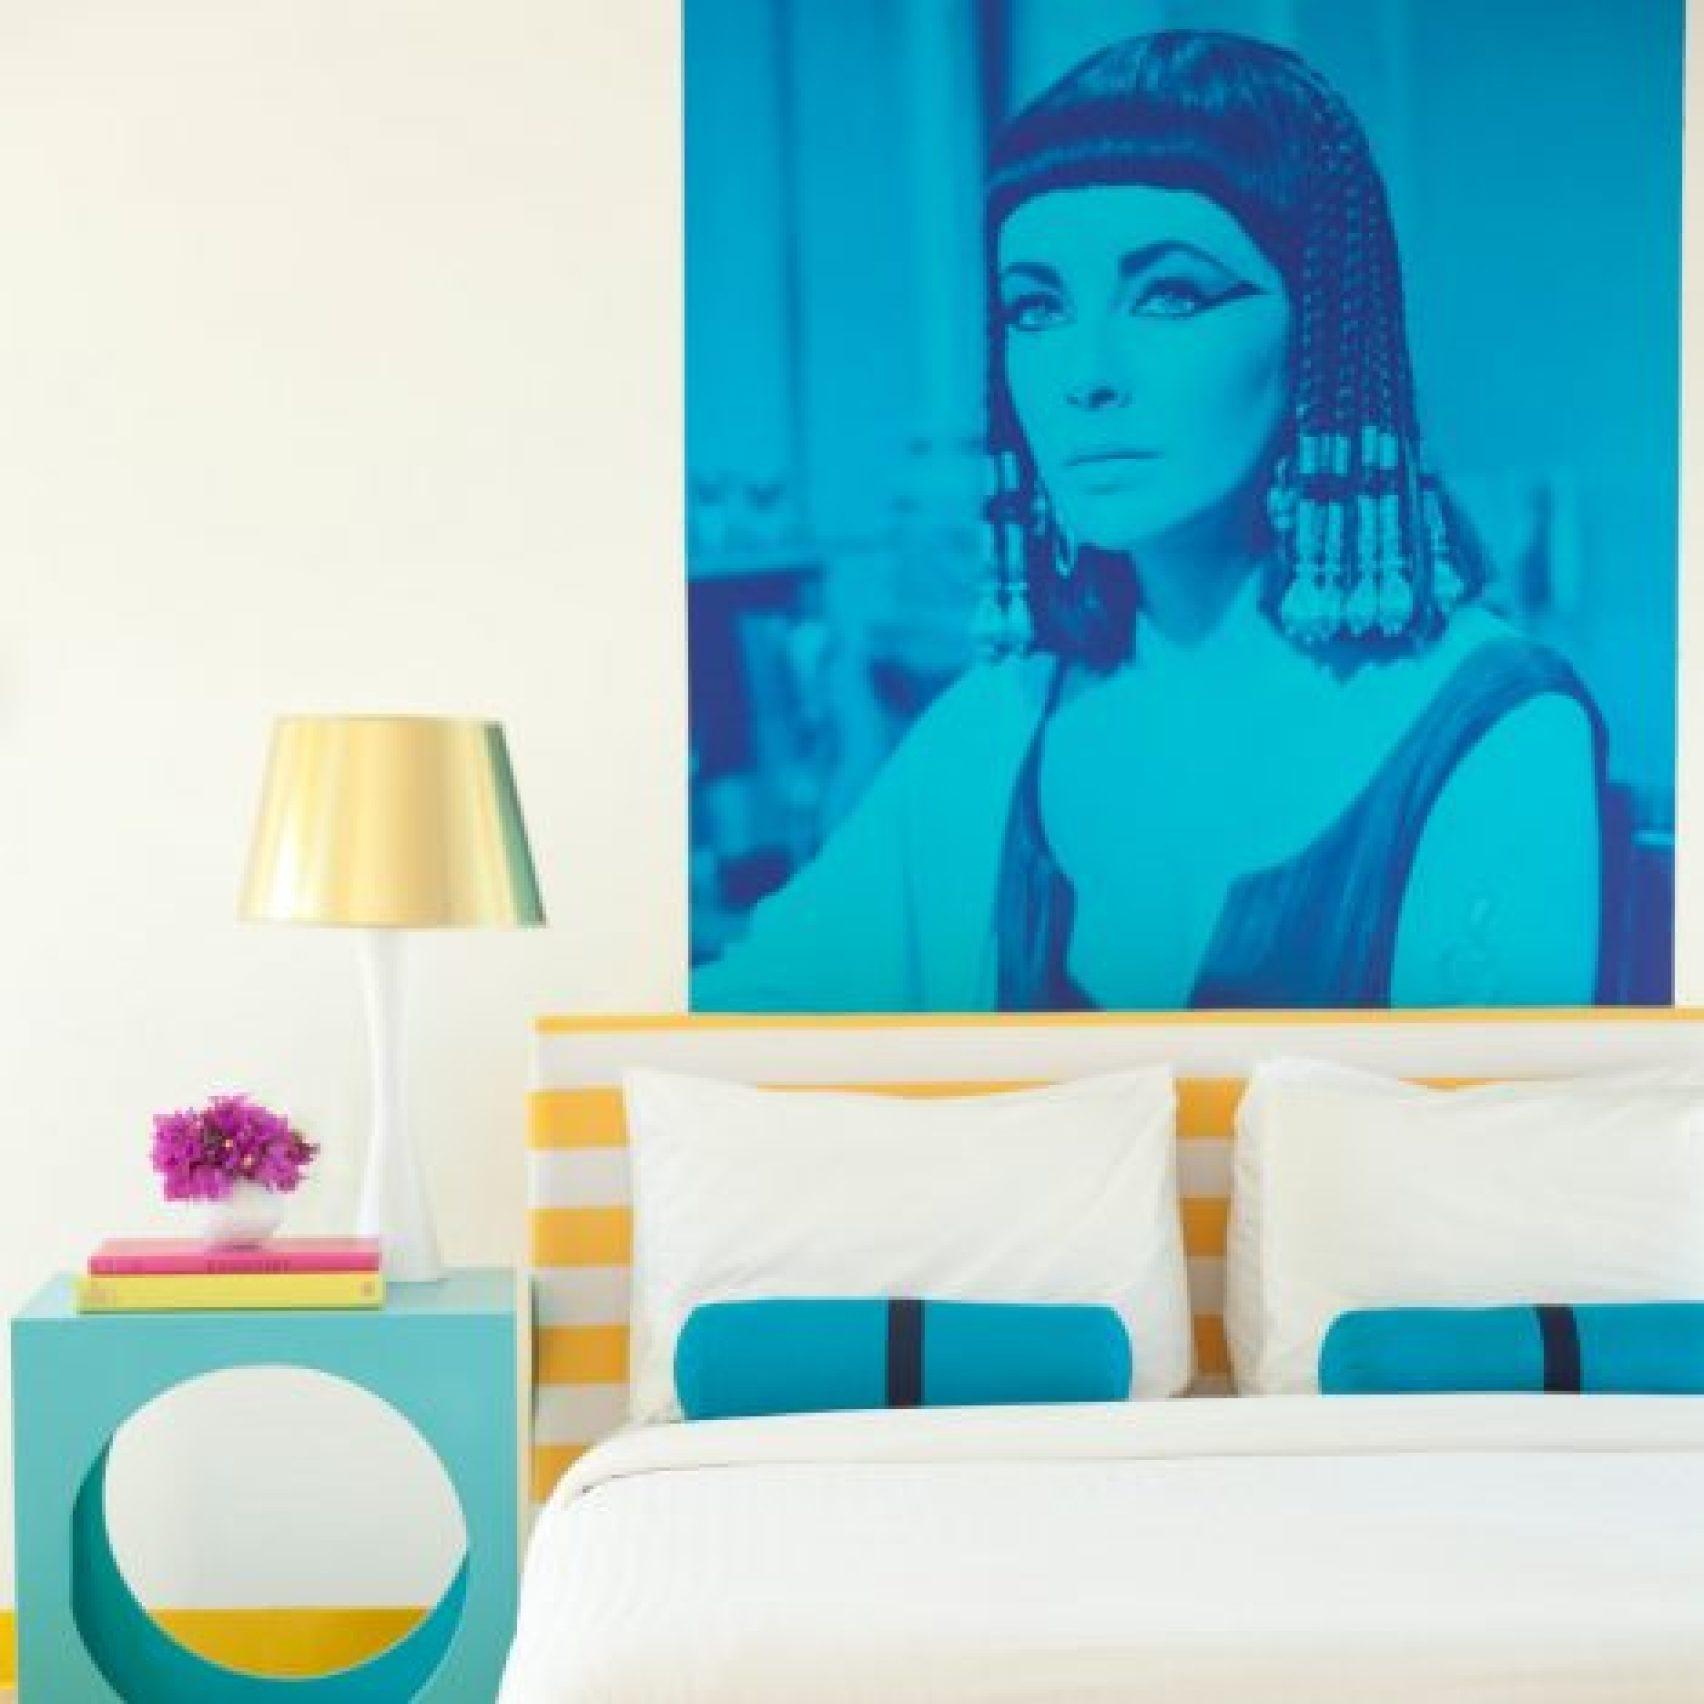 hotel-room-interiors-dezeen-pinterest-boards_dezeen_1704_col_9